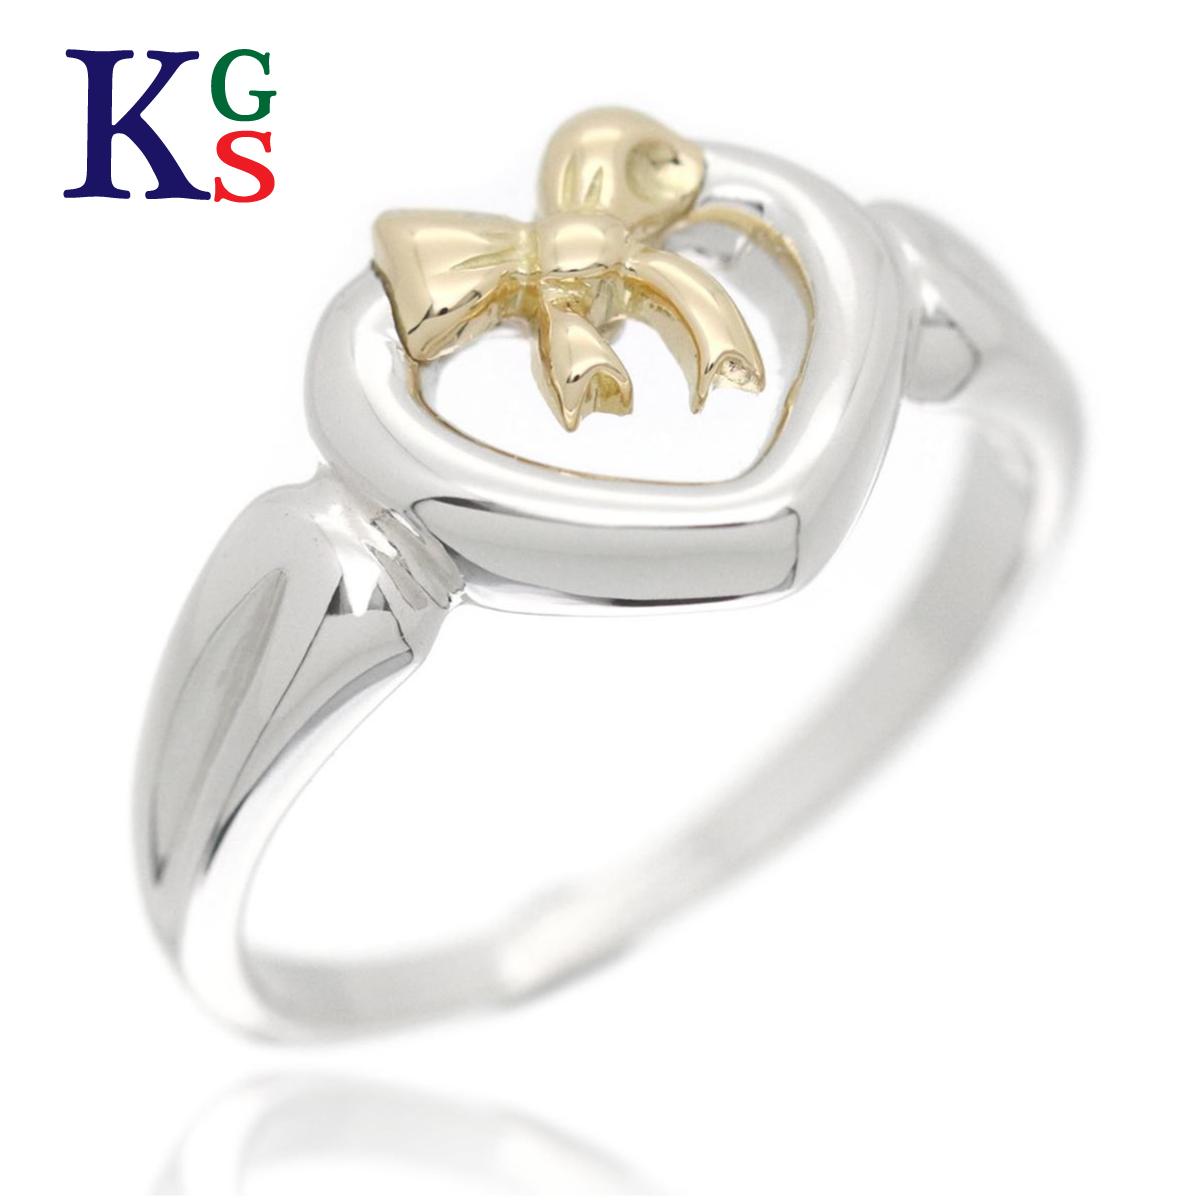 【ギフト品質】【名入れ】【4号~16号】ティファニー/Tiffany&co レディース ハートリボン リング 指輪 K18YG×Ag925 イエローゴールド×シルバー コンビ